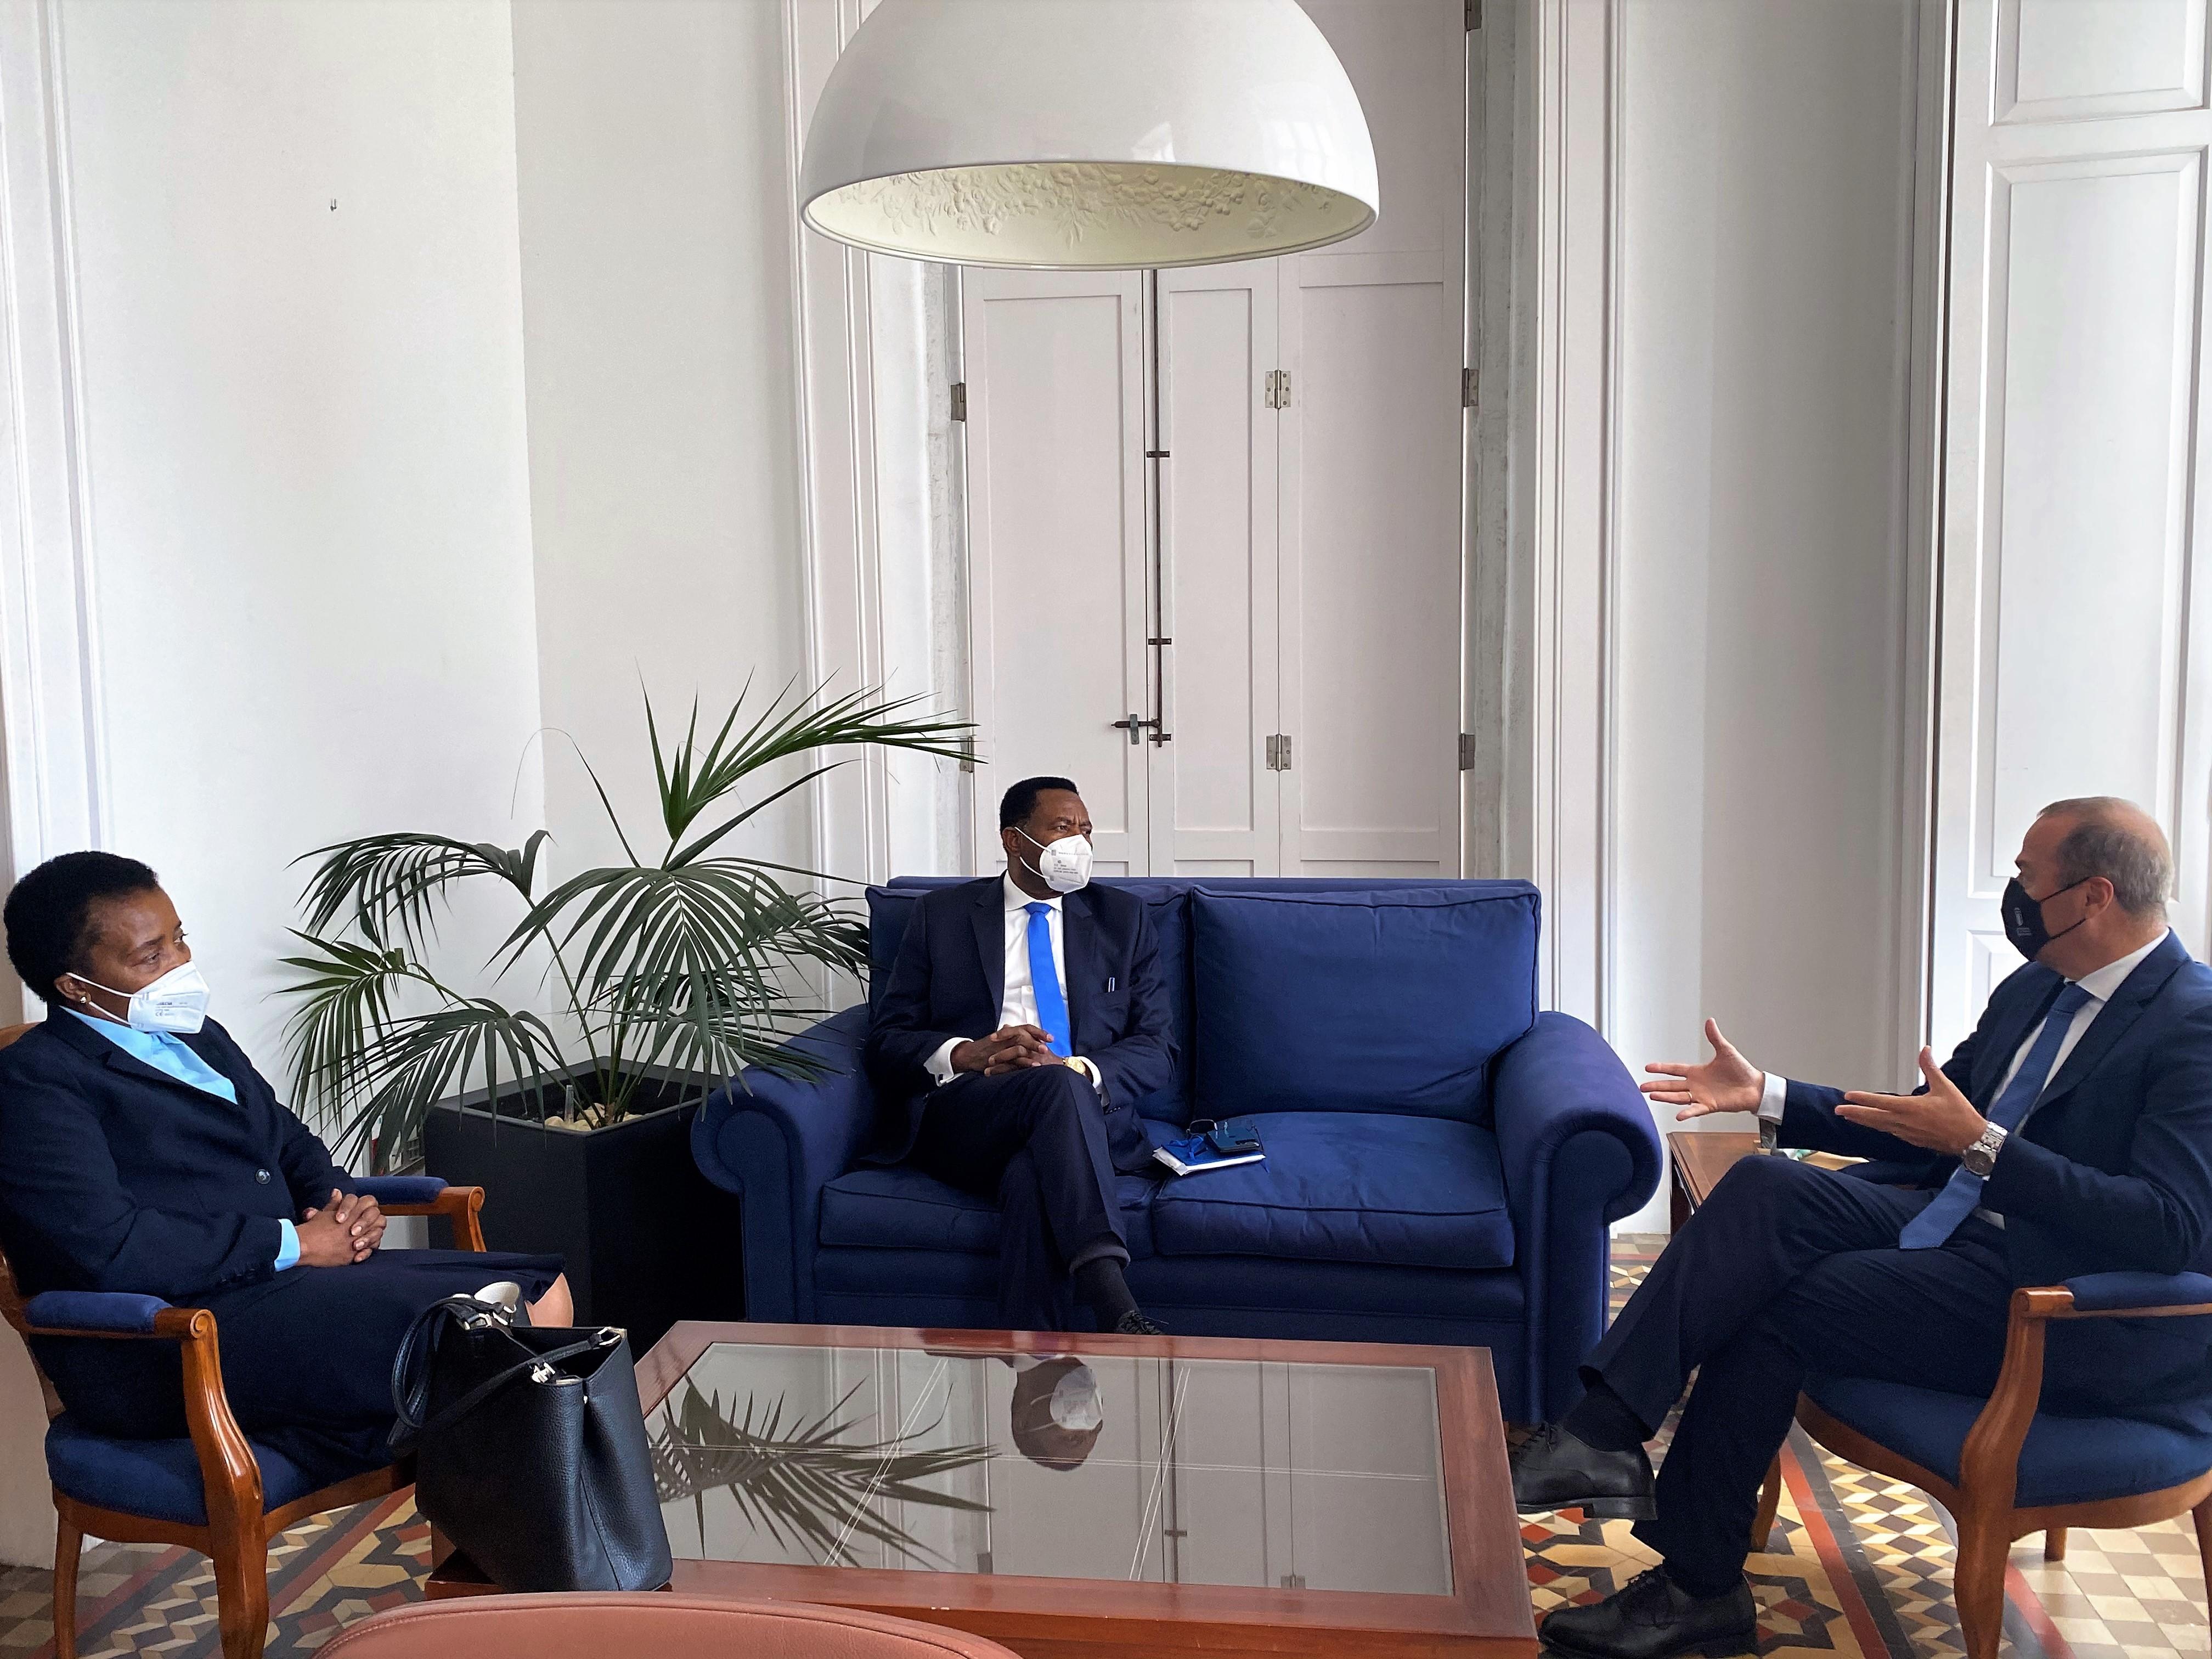 Encuentro de Augusto Hidalgo con el embajador de Guinea Ecuatorial en España / CanariasNoticias.es